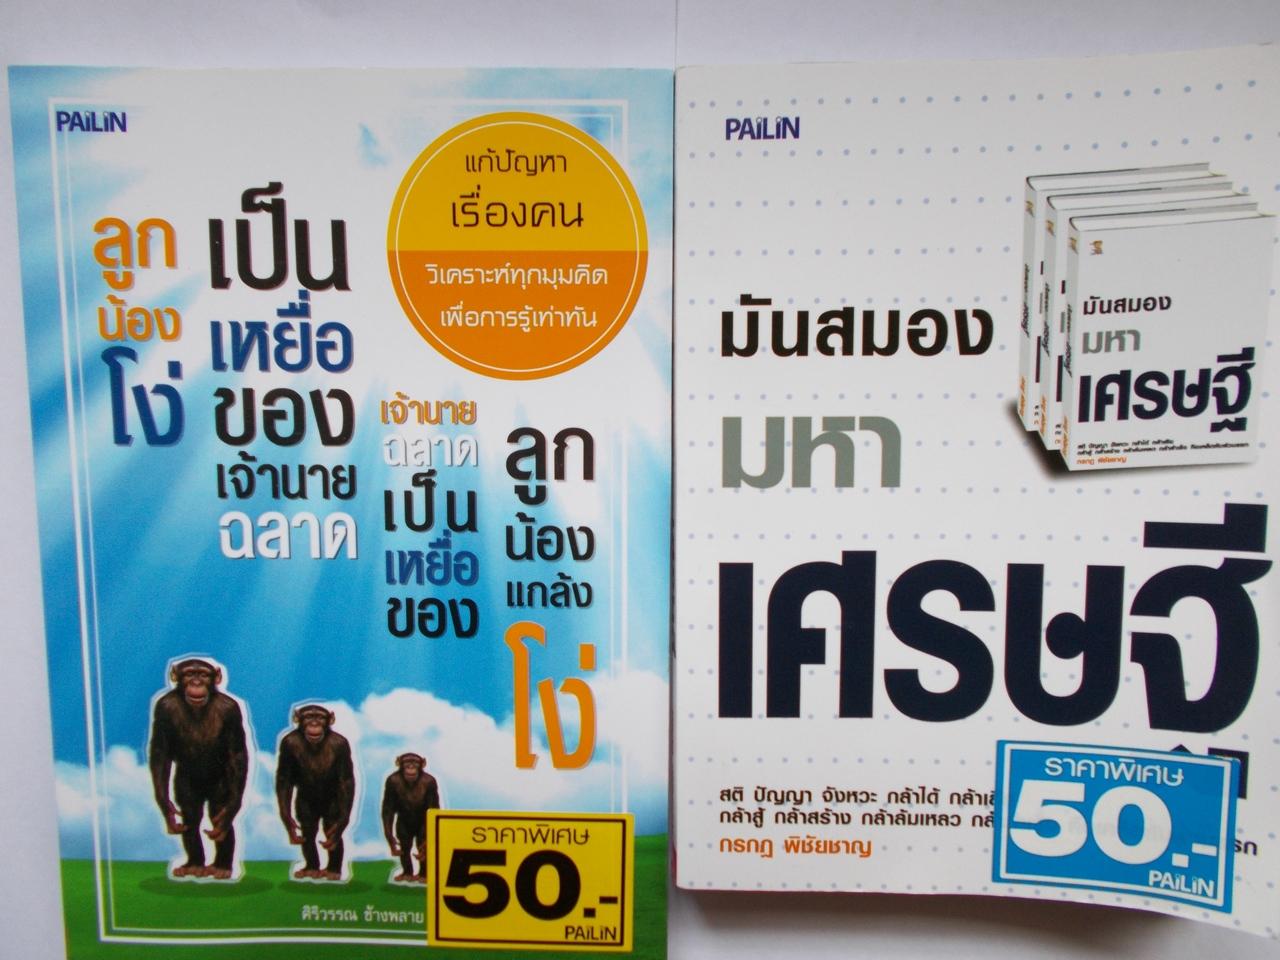 หนังสือ แก้ปัญหาเรื่องคน และ มันสมองมหาเศรษฐี รวม 2 เล่ม